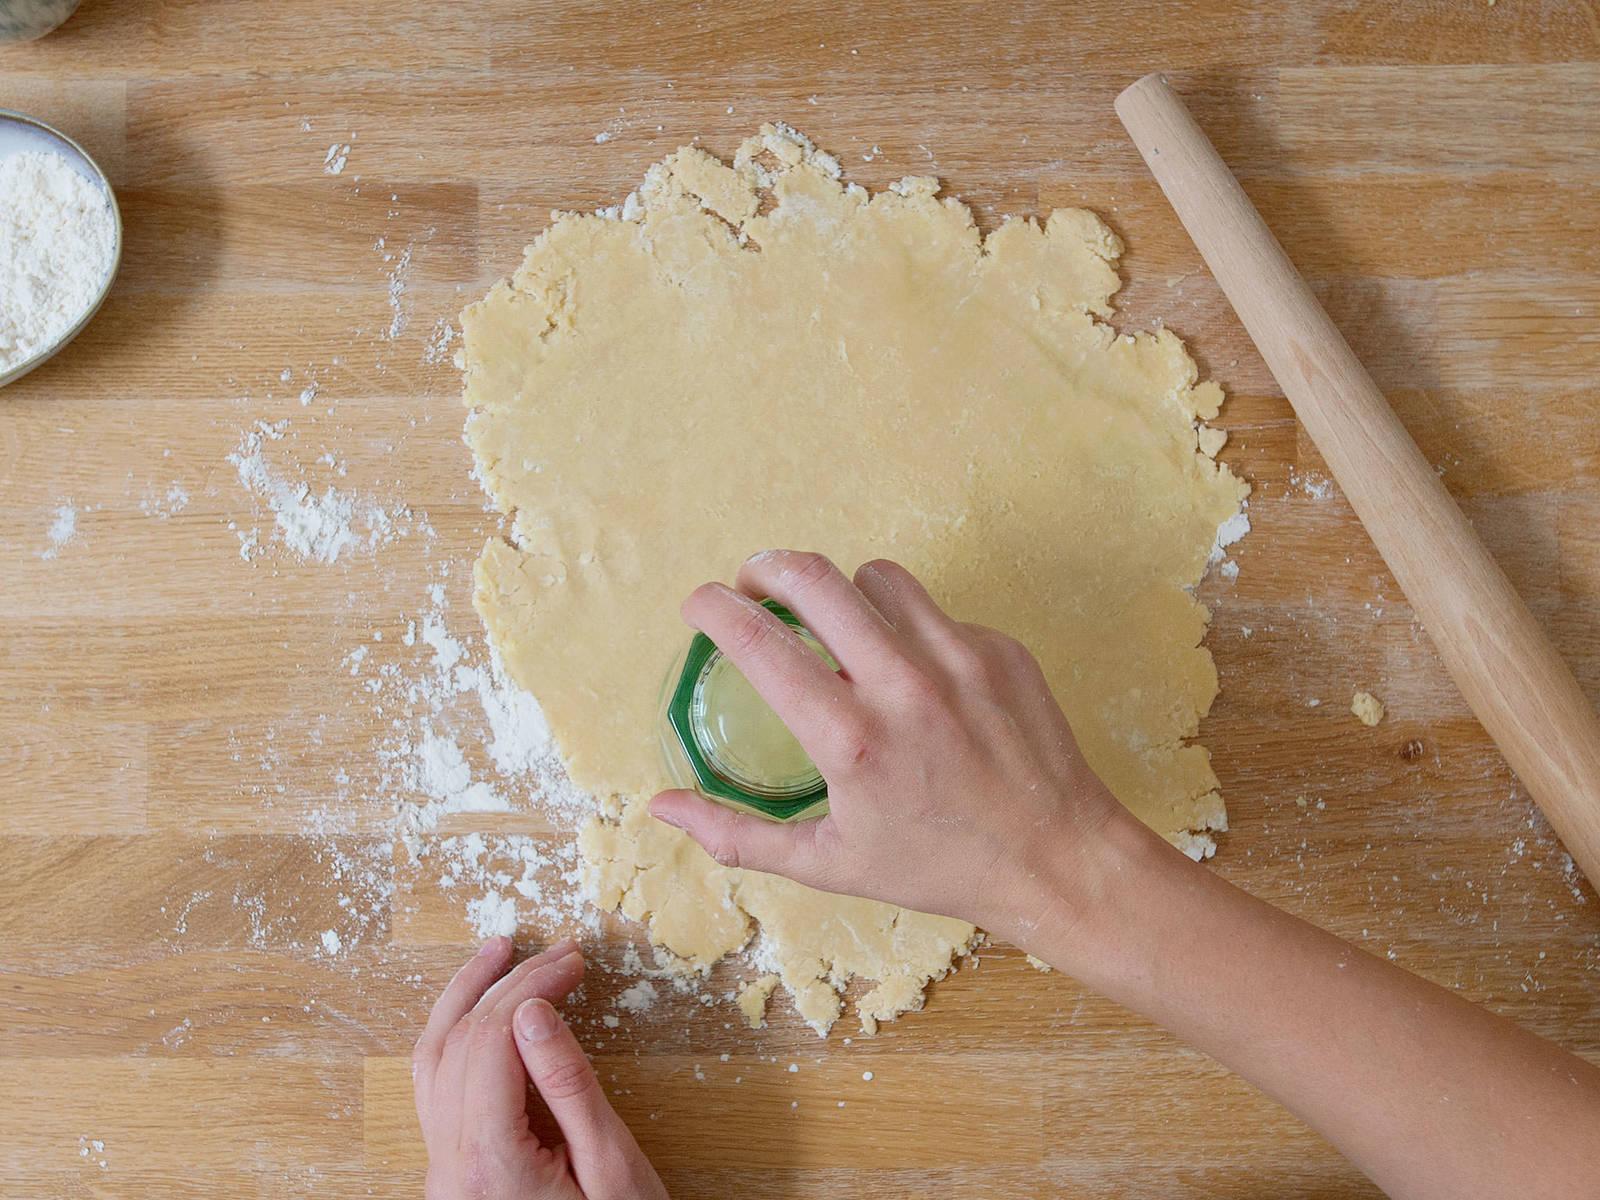 Backofen auf 180°C vorheizen. Teig ausrollen und Kreise ausstechen. Diese sollten im Durchschnitt etwas größer als die Muffinform sein.